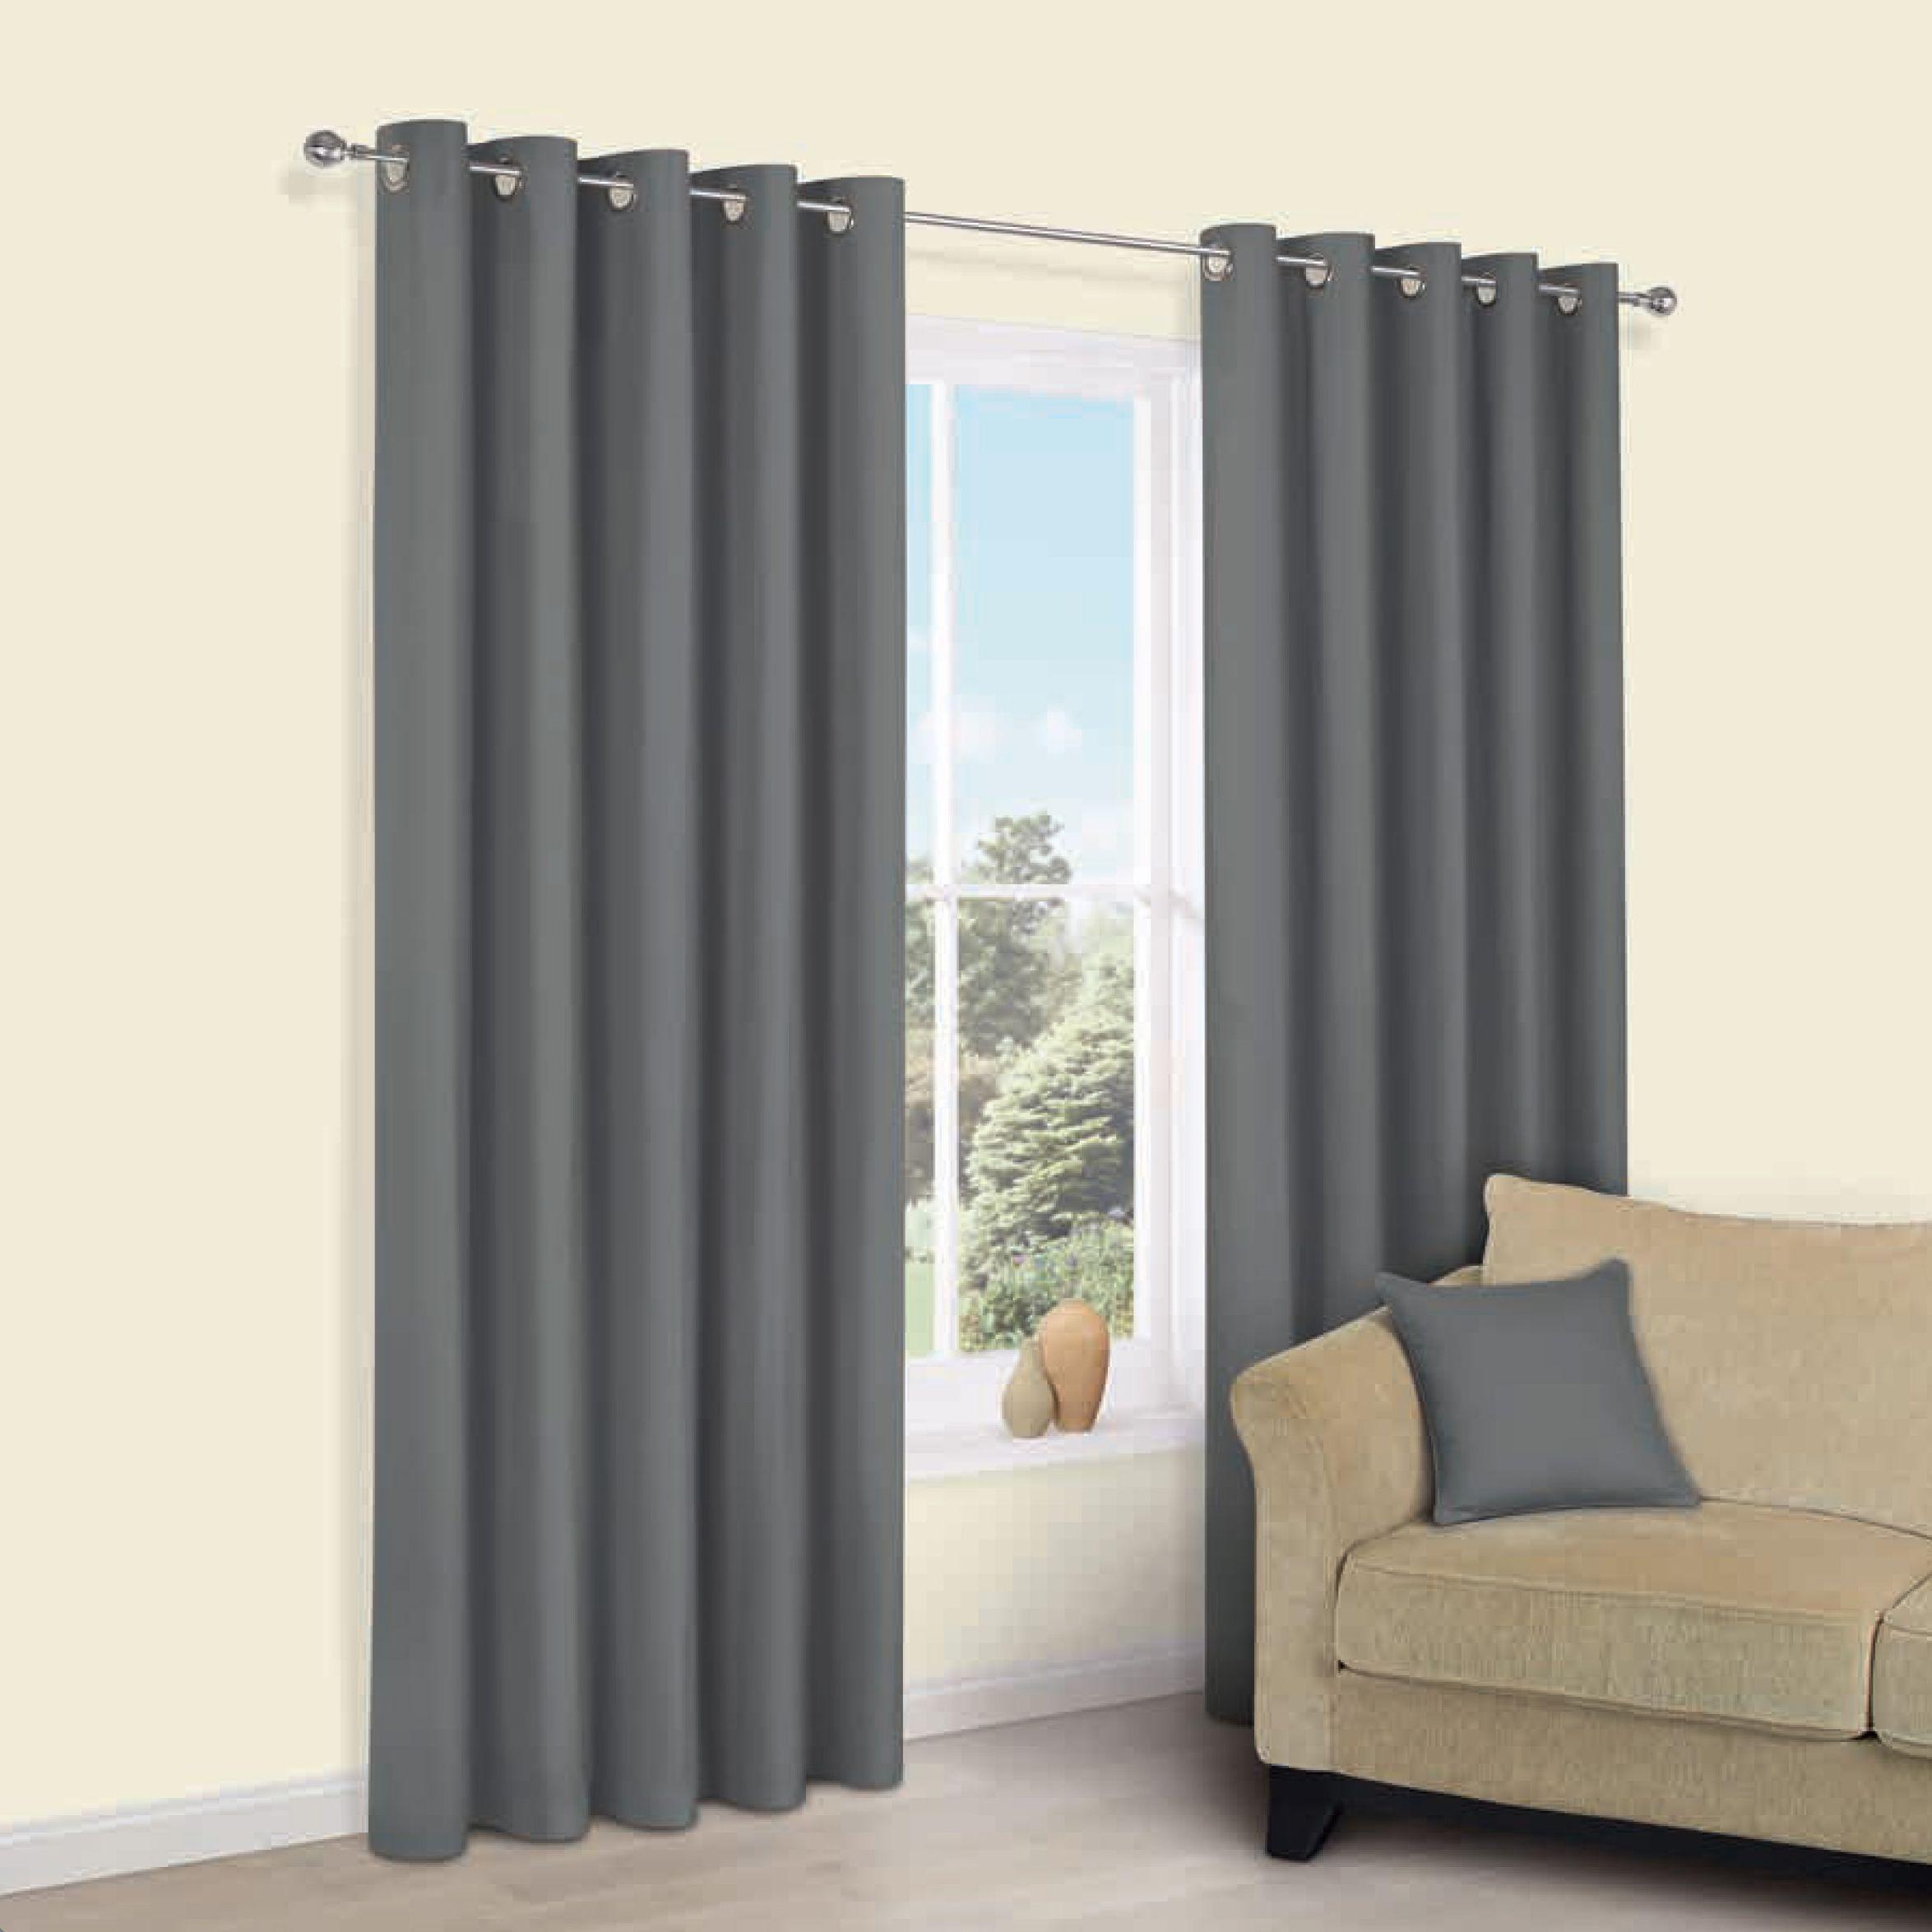 Zen Anthracite Plain Eyelet Curtains (w)228 Cm (l)228 Cm